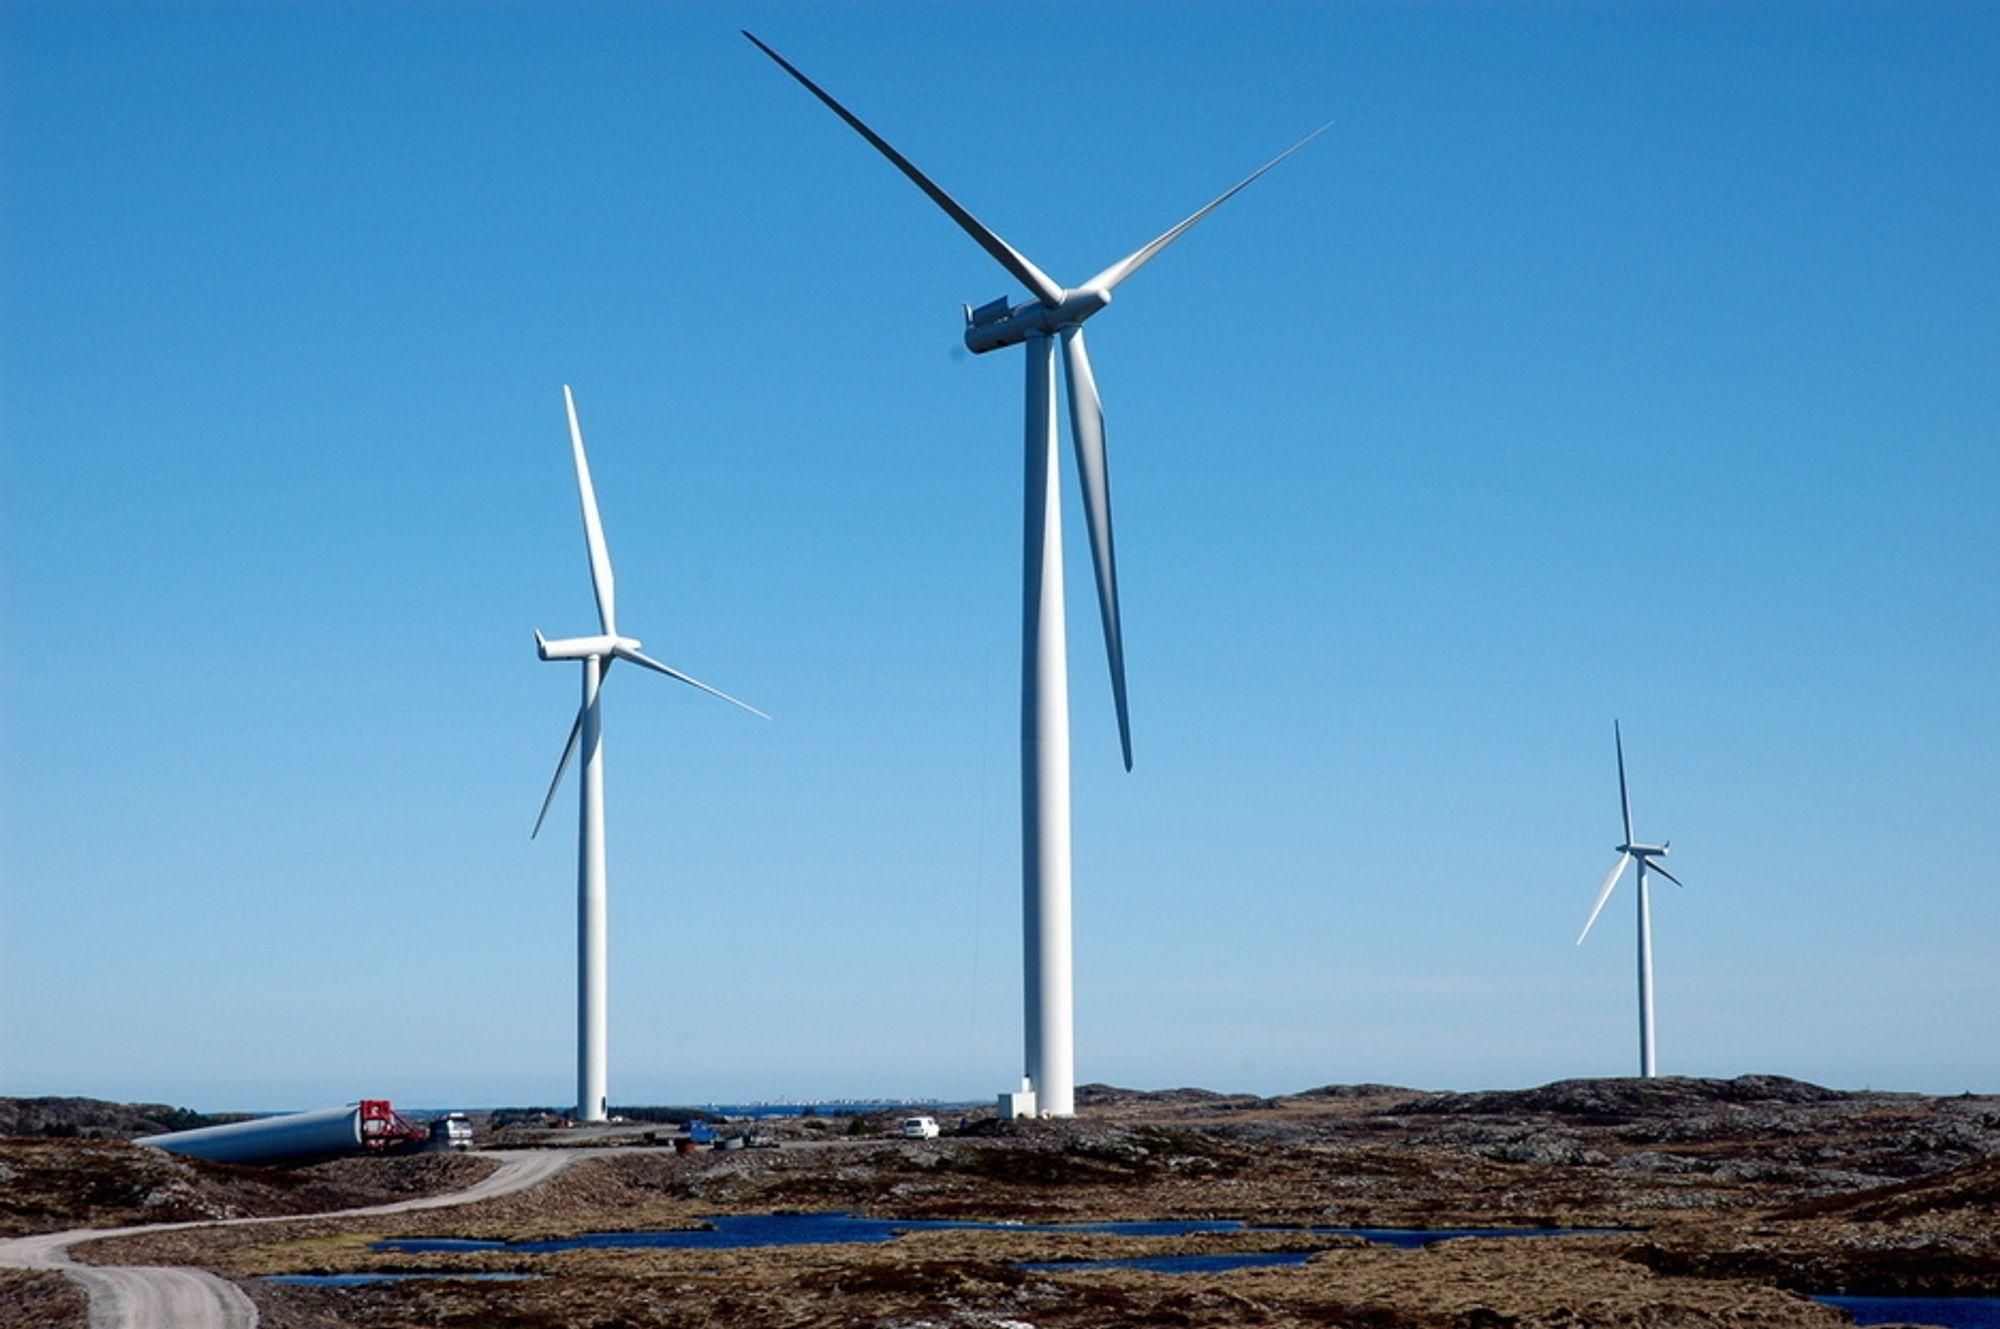 TIL LISTA: Fred Olsen Renewables har valgt Siemens som leverandør av vindturbiner og elektrisk anlegg til Lisa Vindpark. I alt 31 2,3 MW vindturbiner skal leveres.